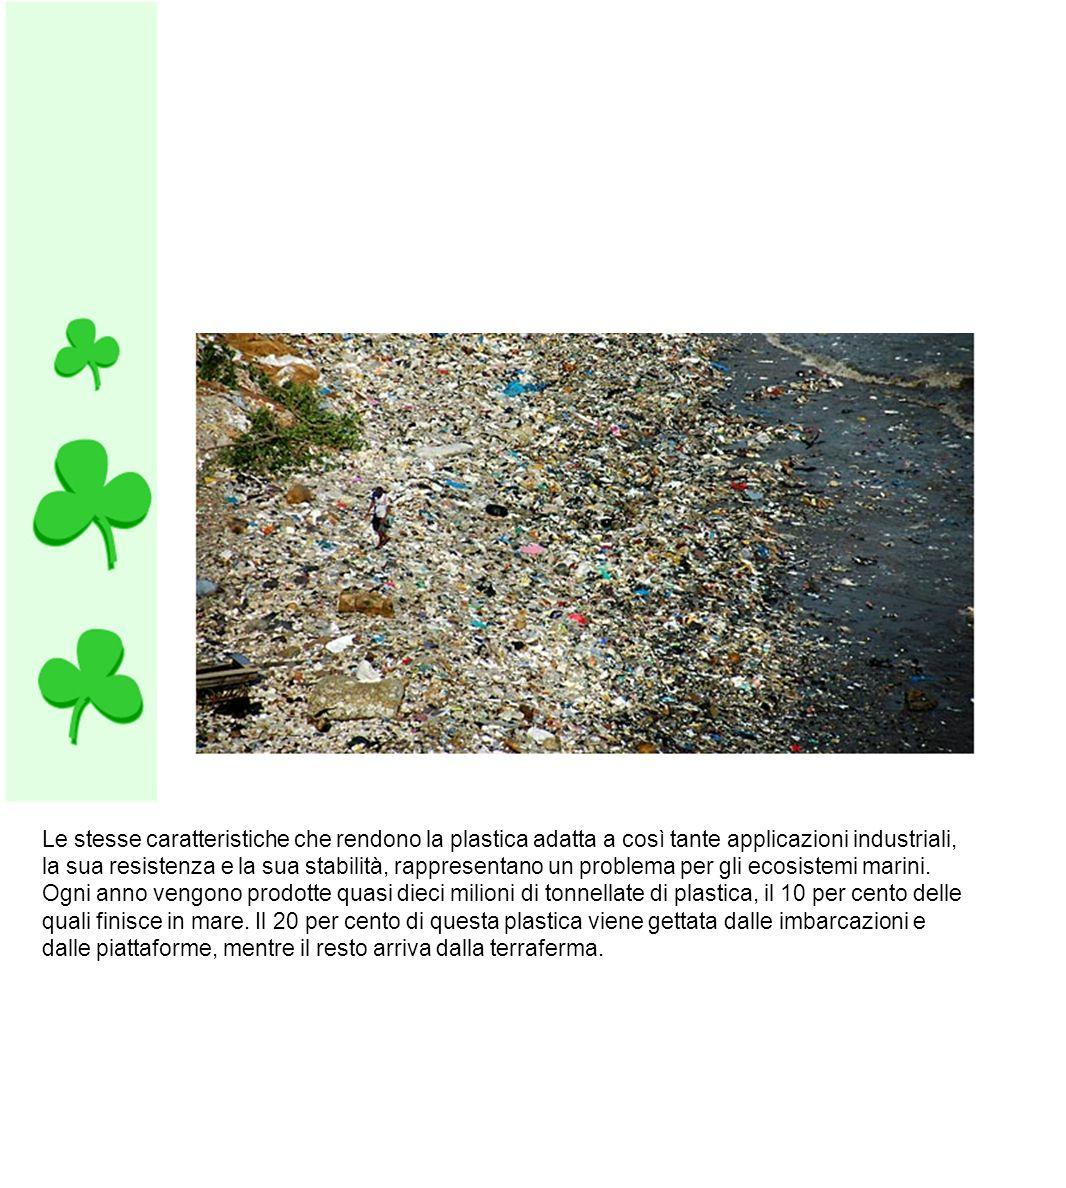 Le stesse caratteristiche che rendono la plastica adatta a così tante applicazioni industriali, la sua resistenza e la sua stabilità, rappresentano un problema per gli ecosistemi marini.